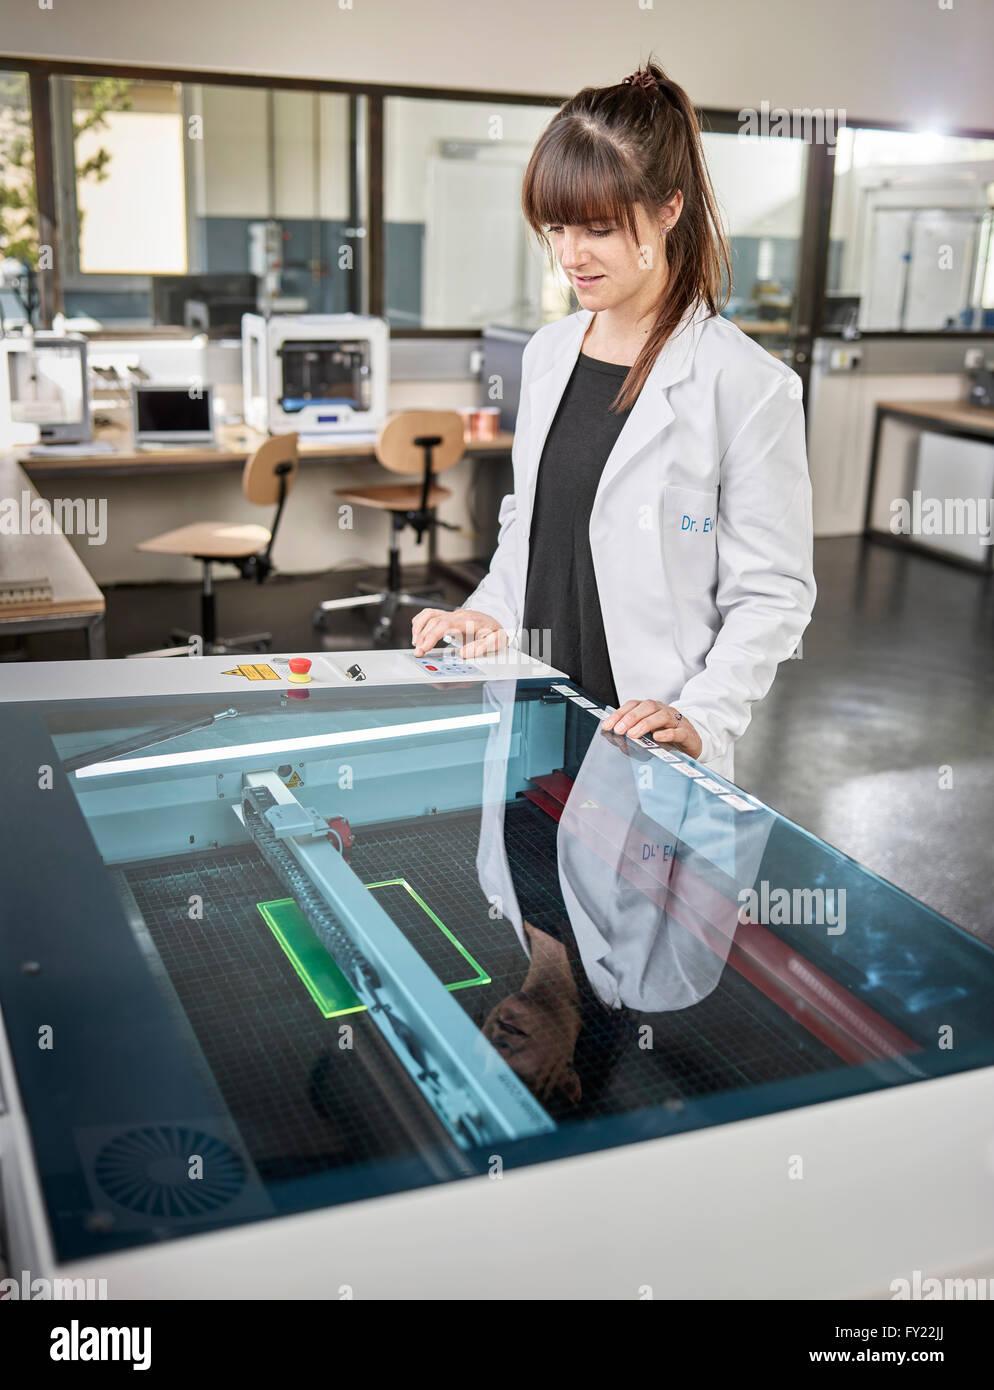 Weiblichen Techniker, 20-25 Jahren, mit einem weißen Kittel, mit einem Laser-Cutter in einem Elektroniklabor, Stockbild